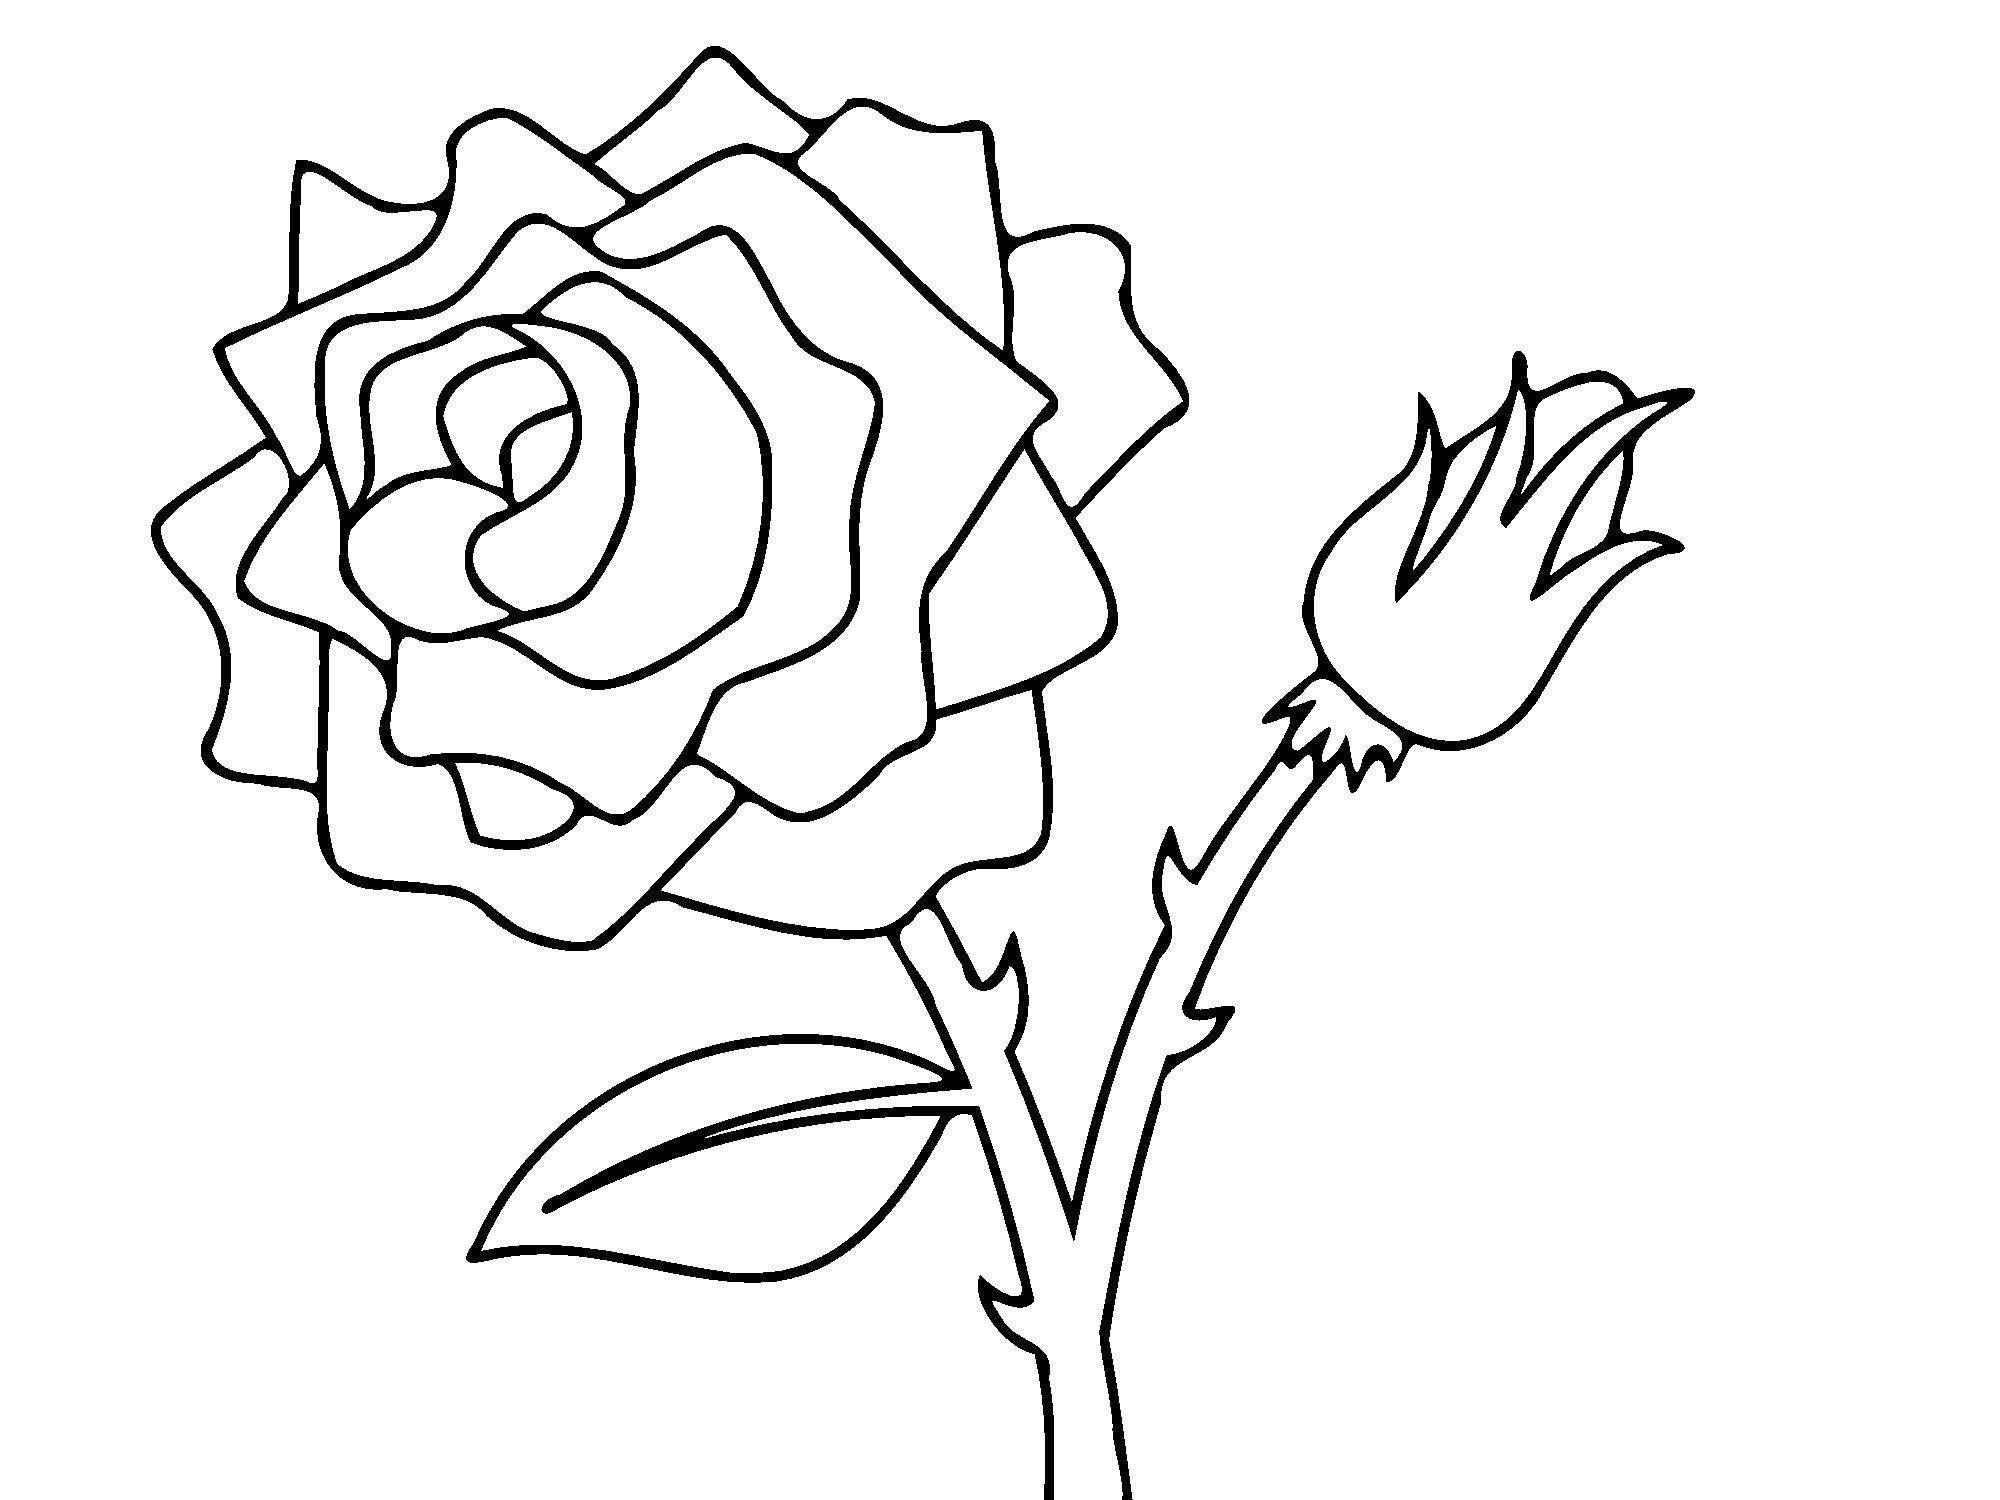 Раскраска Роза и бутончик. Скачать Цветы, розы.  Распечатать ,Контуры розы,